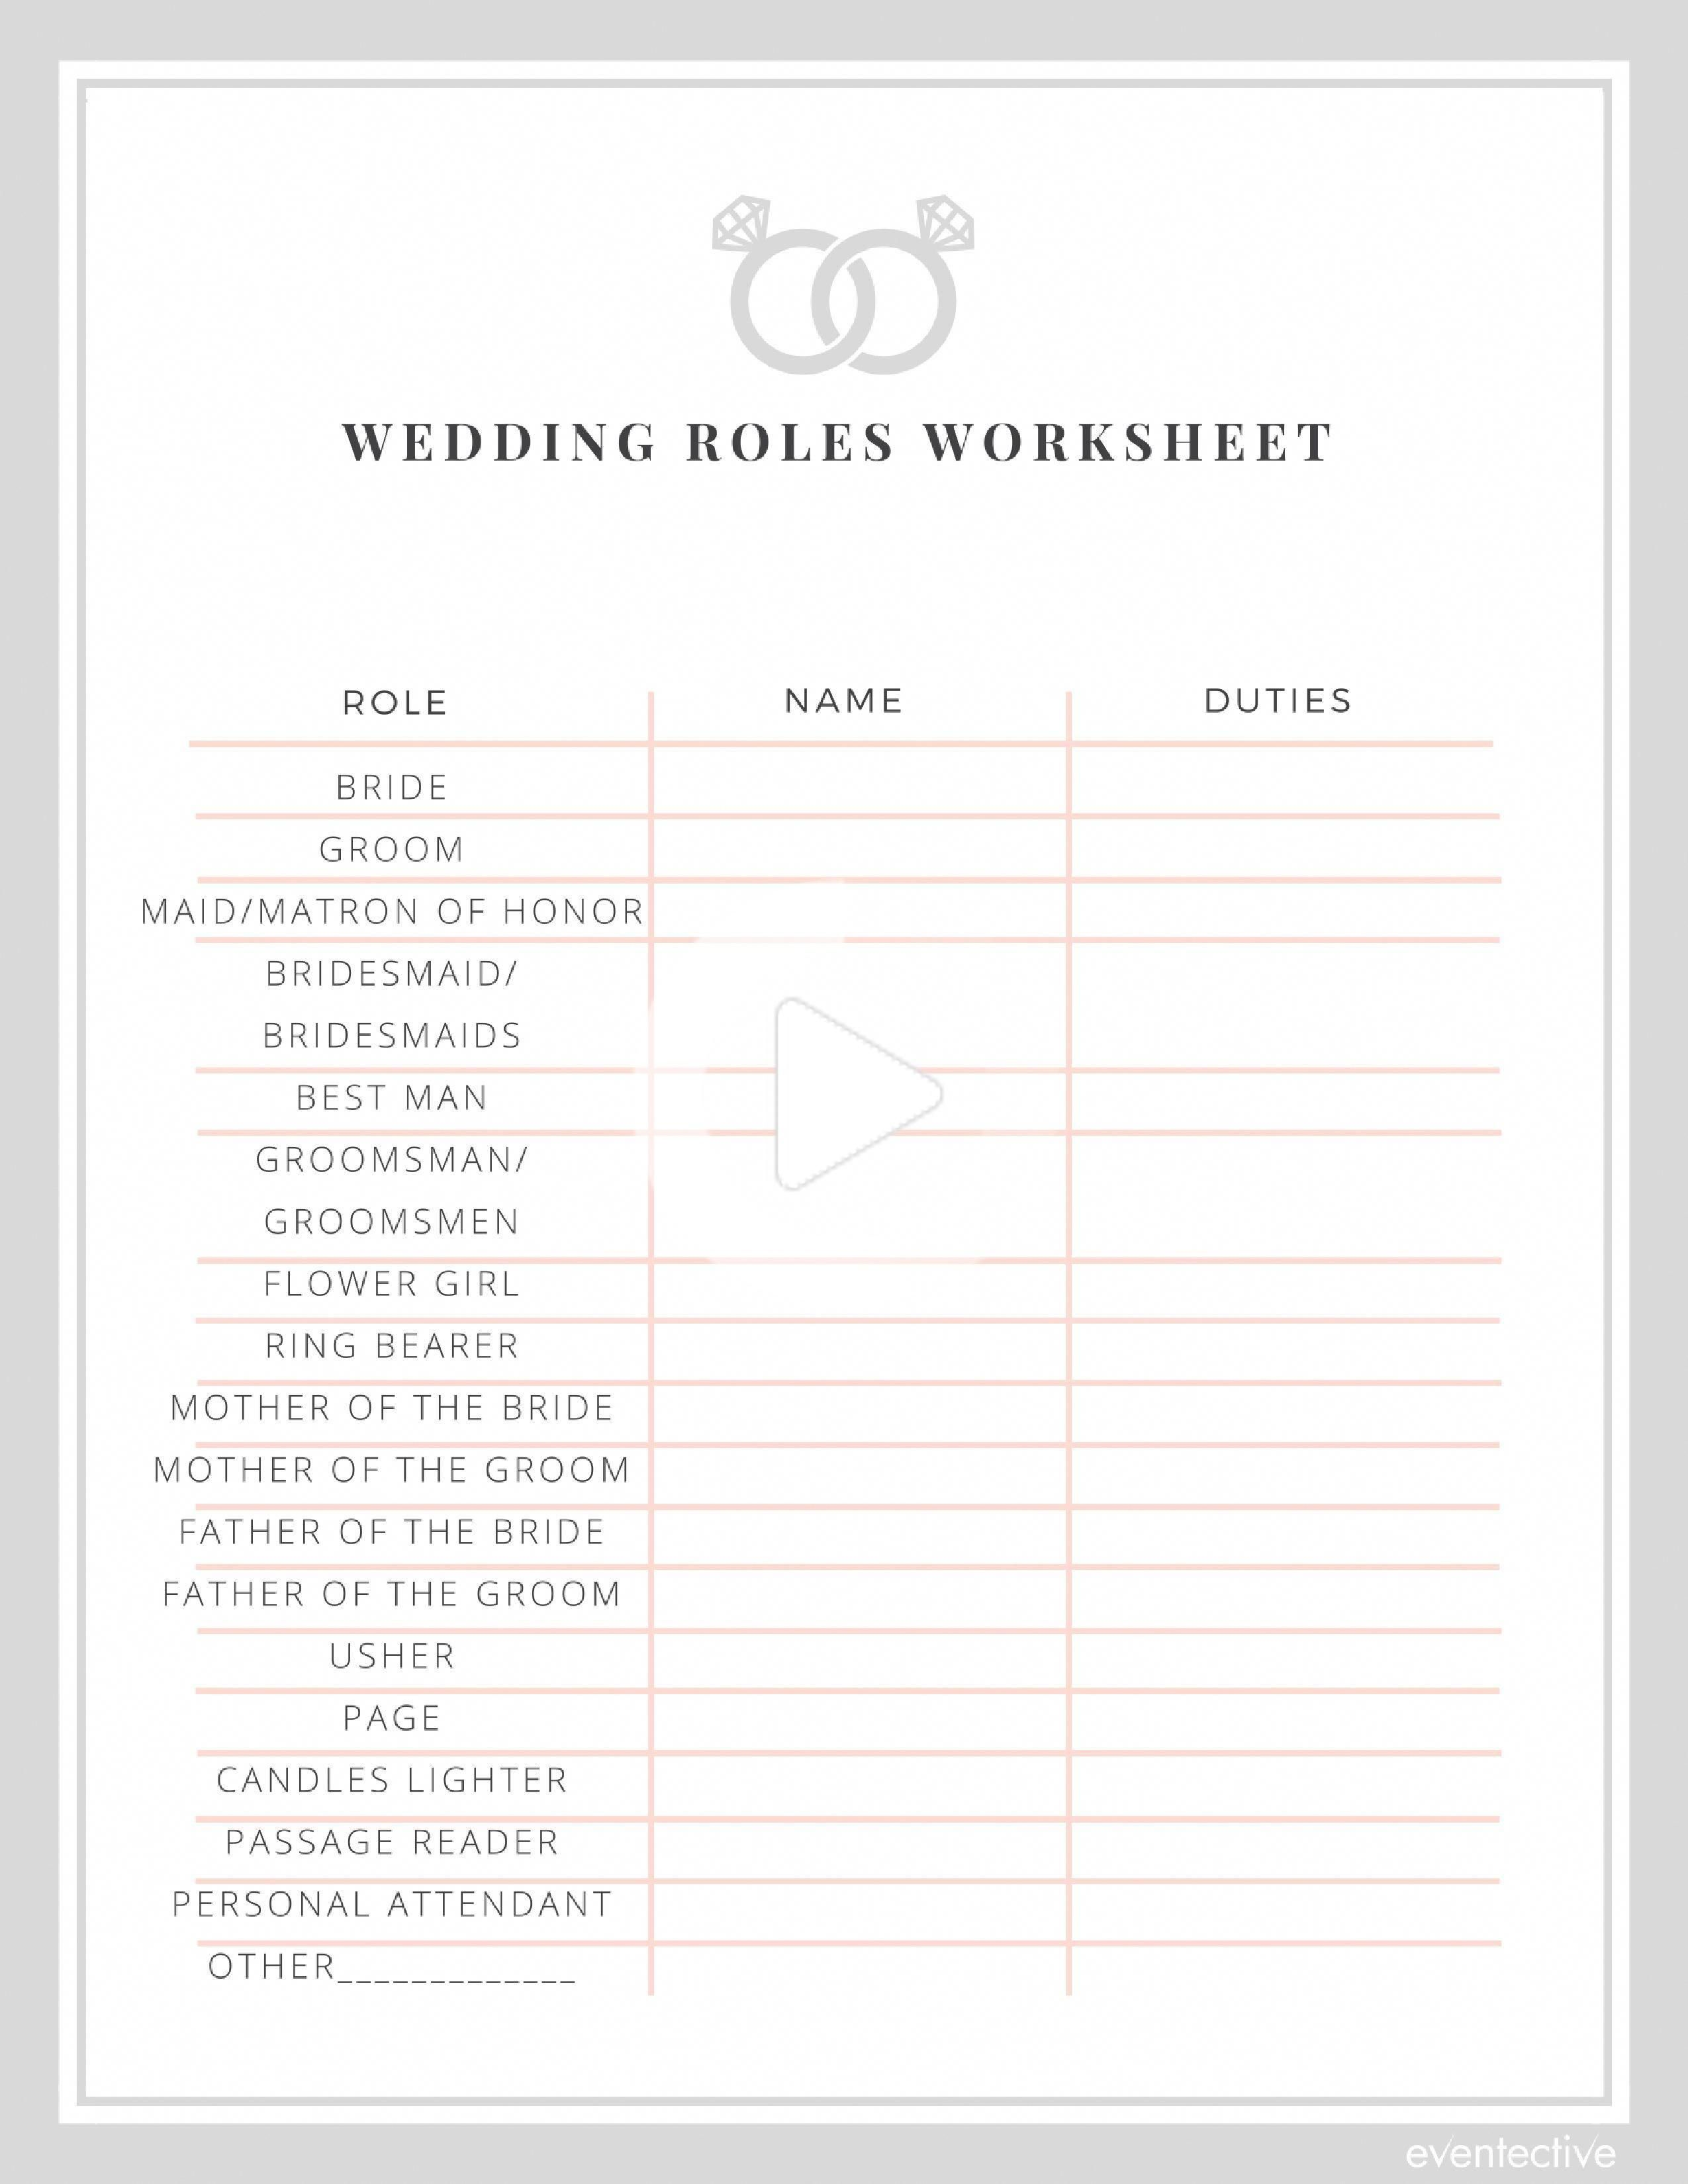 Roles De Mariage Feuille De Travail In